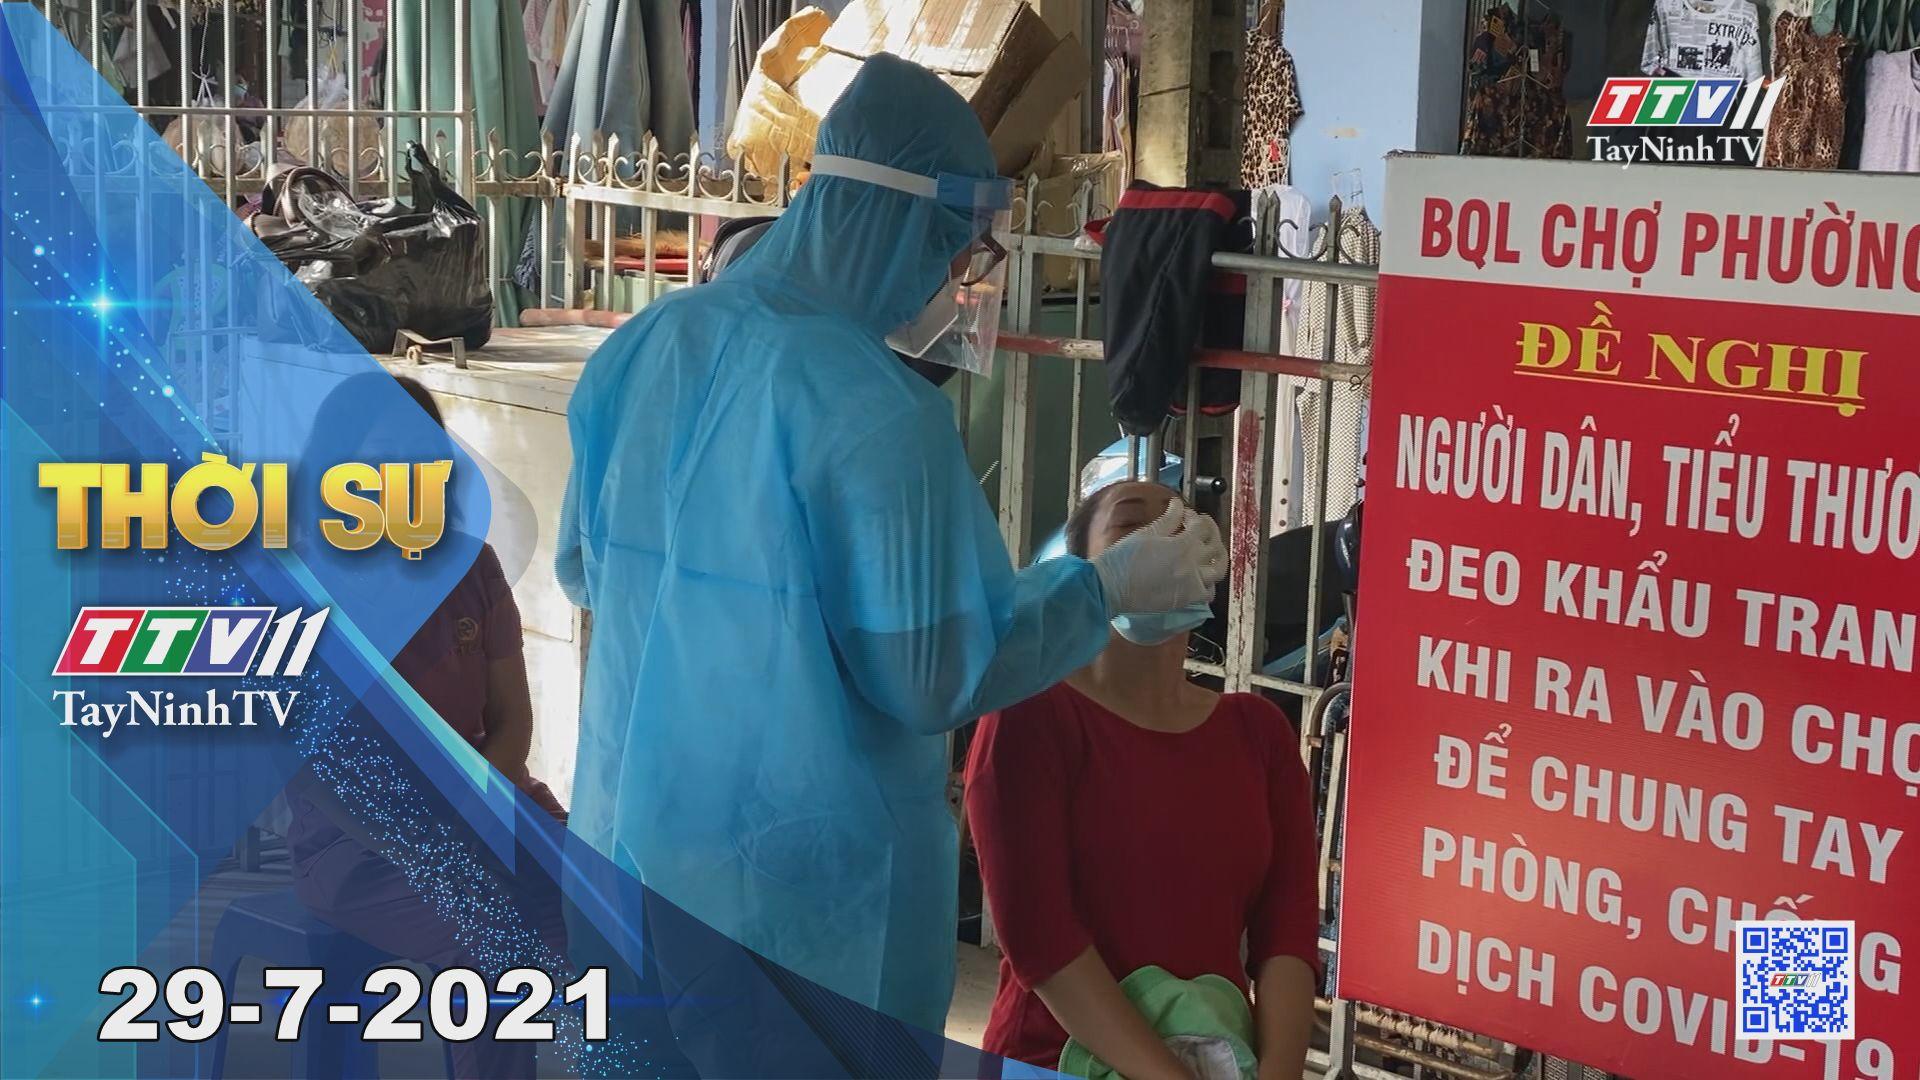 Thời sự Tây Ninh 29-7-2021 | Tin tức hôm nay | TayNinhTV